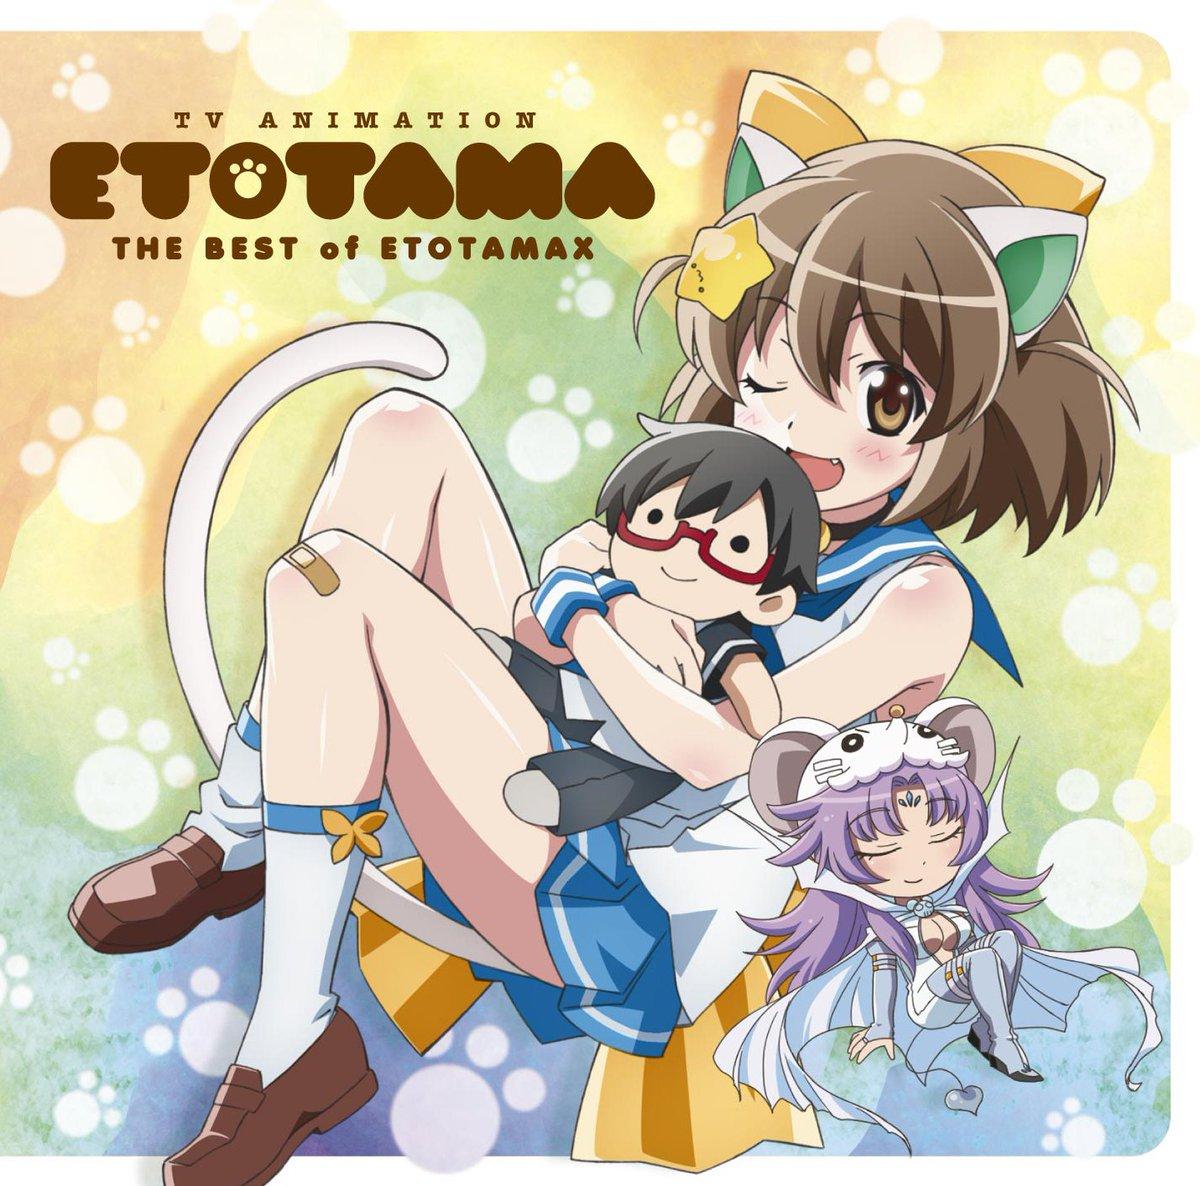 えとたまベストアルバム「THE BEST of ETOTAMAX~最強プロデュース! 今夜はわがにゃのクライマックス~」